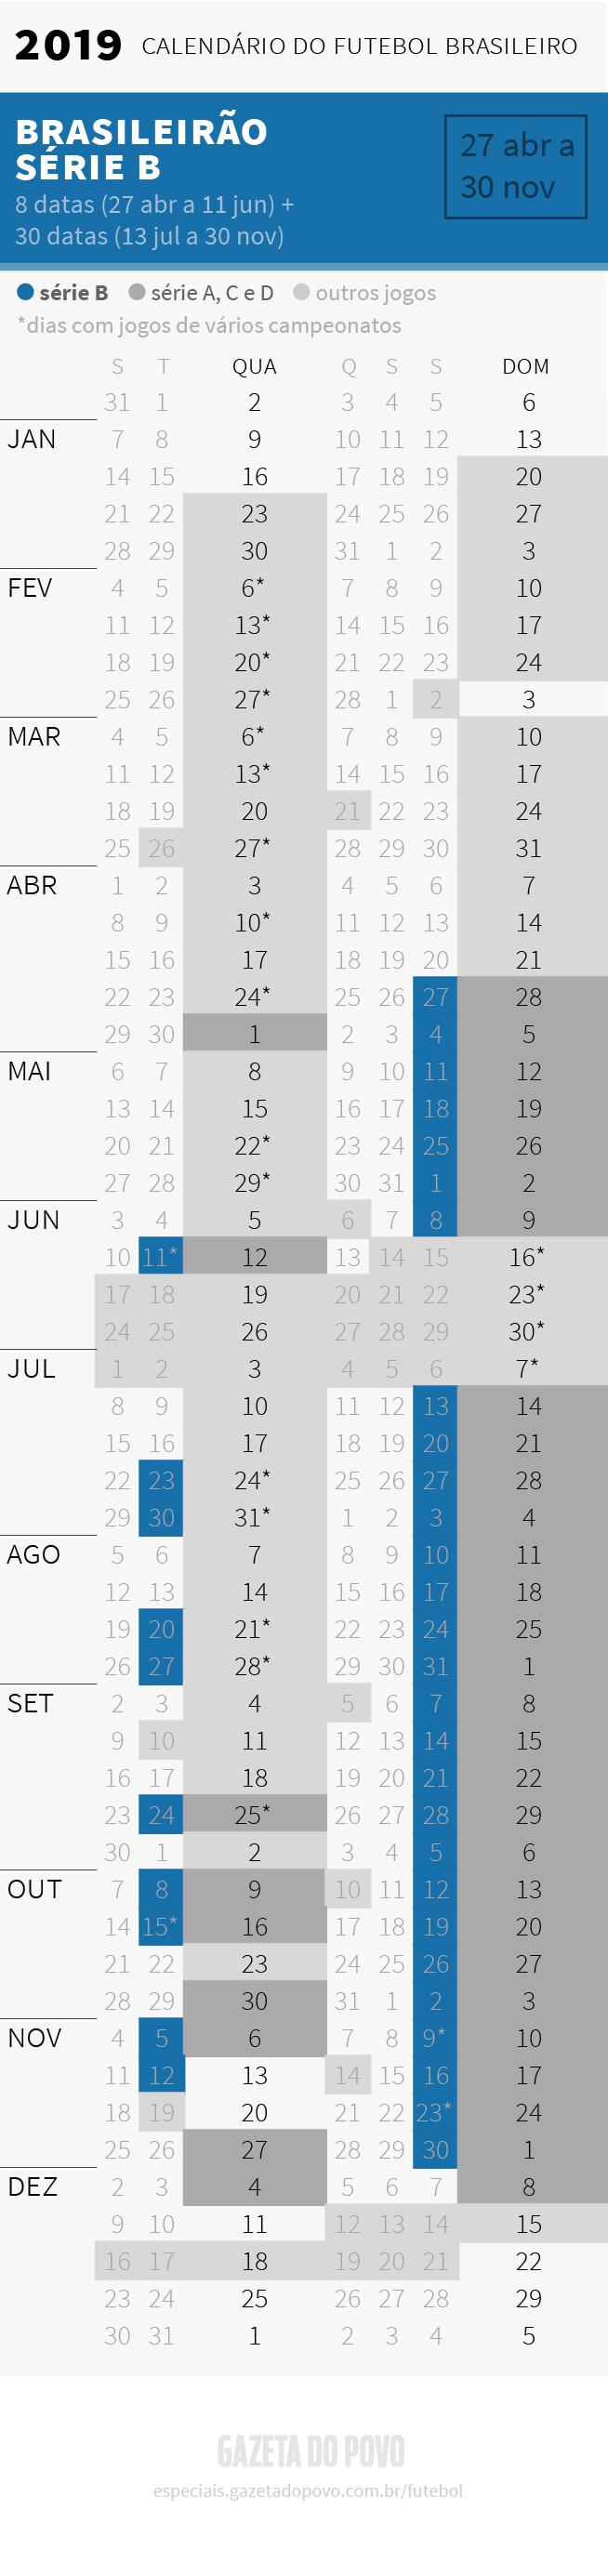 Calendario Do Brasileirao 2019 Serie B Futebol